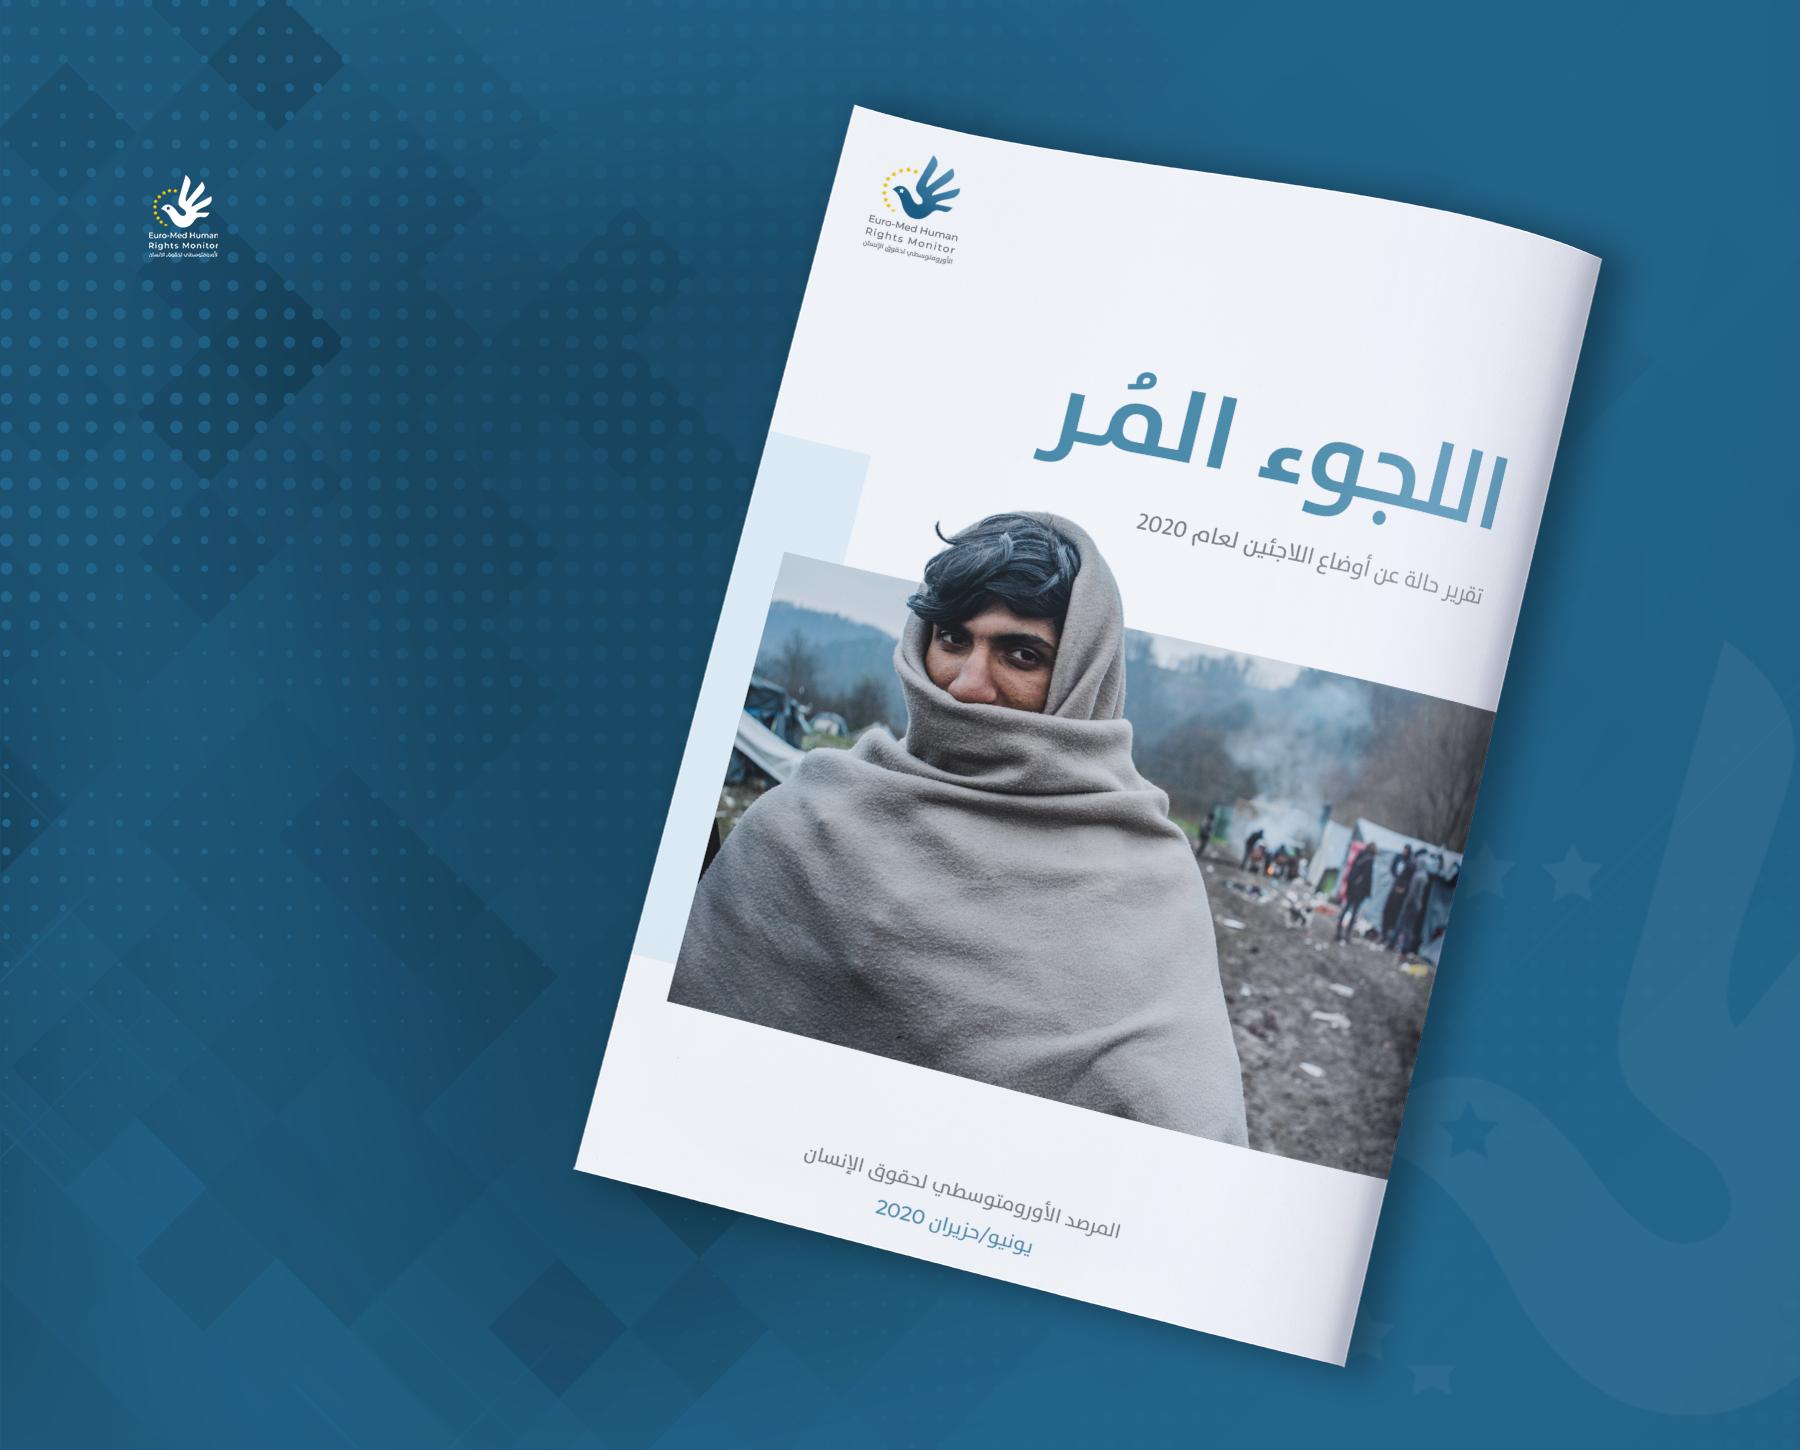 في تقرير حالة اللاجئين لعام 2020.. الأورومتوسطي يدعو لتفعيل مبدأ تقاسم الأعباء الدولي تجاه اللاجئين